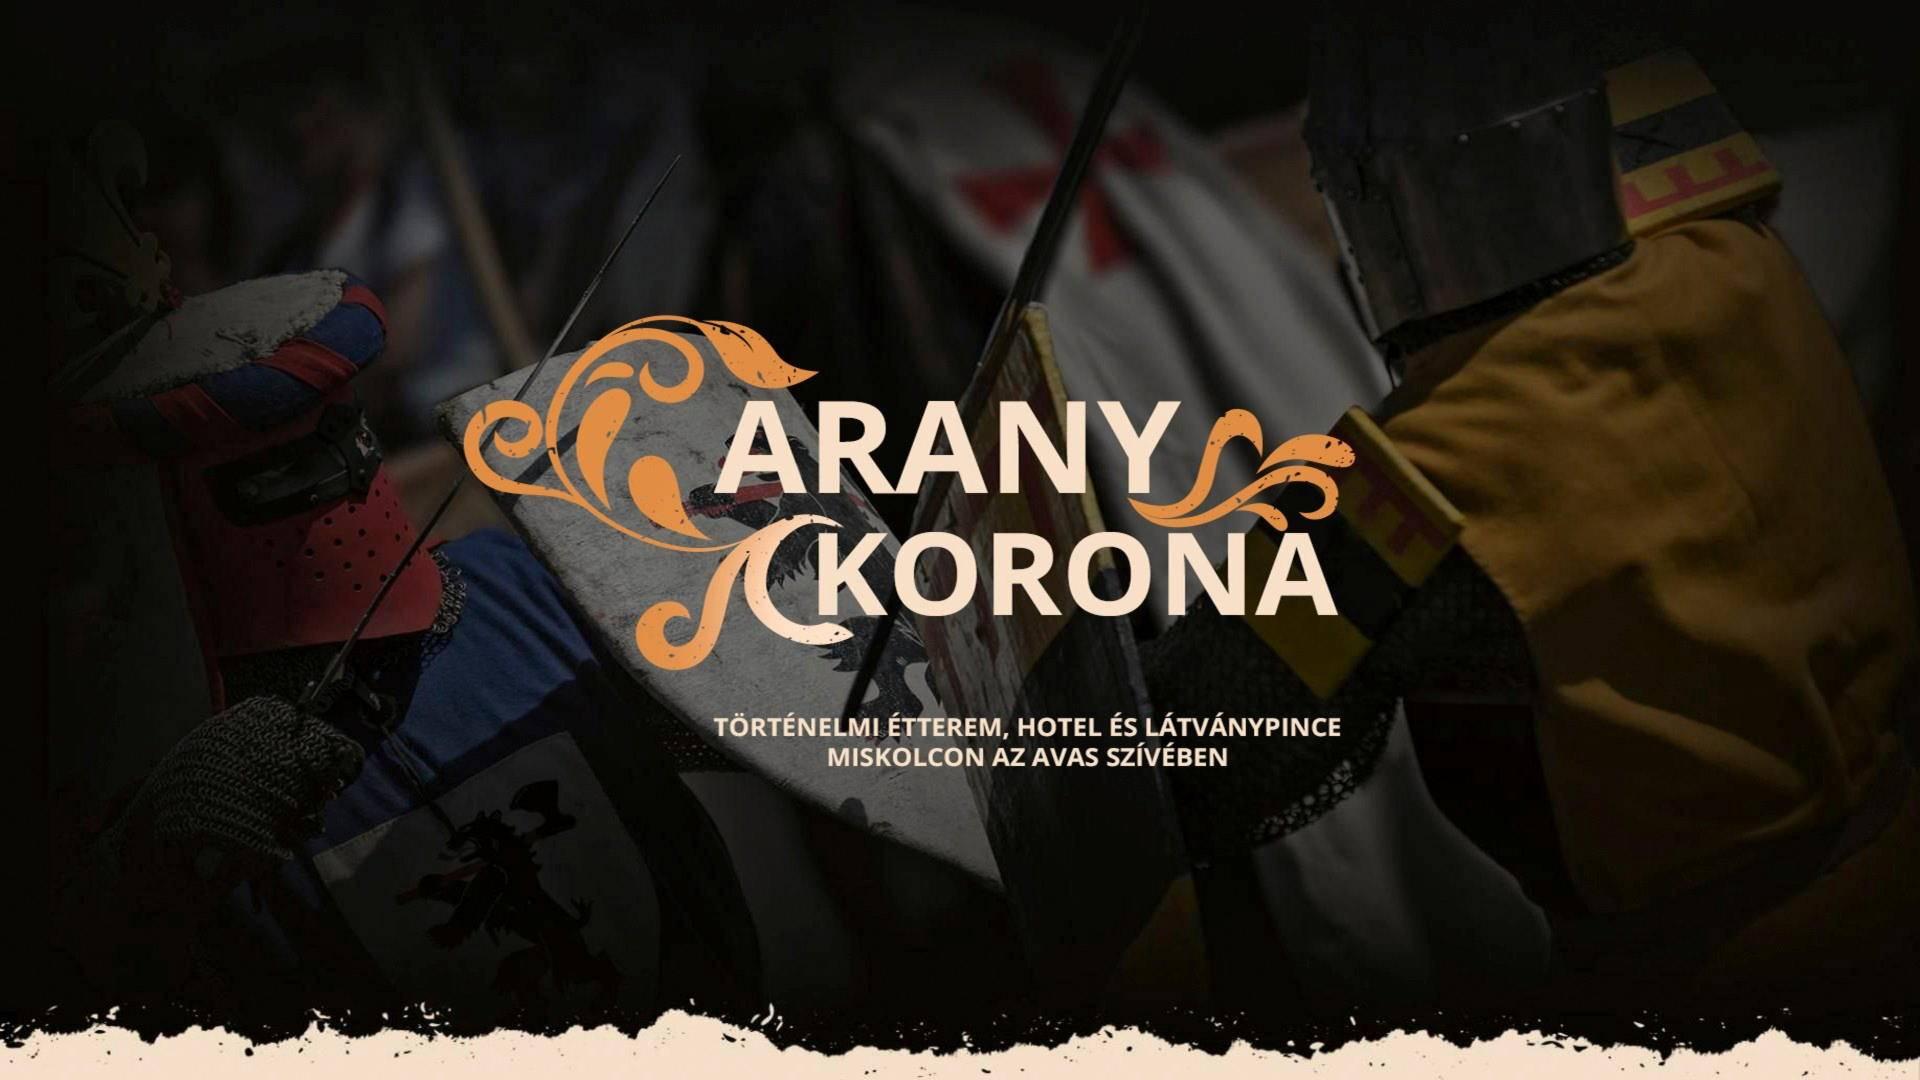 AranyKorona - történelmi étterem